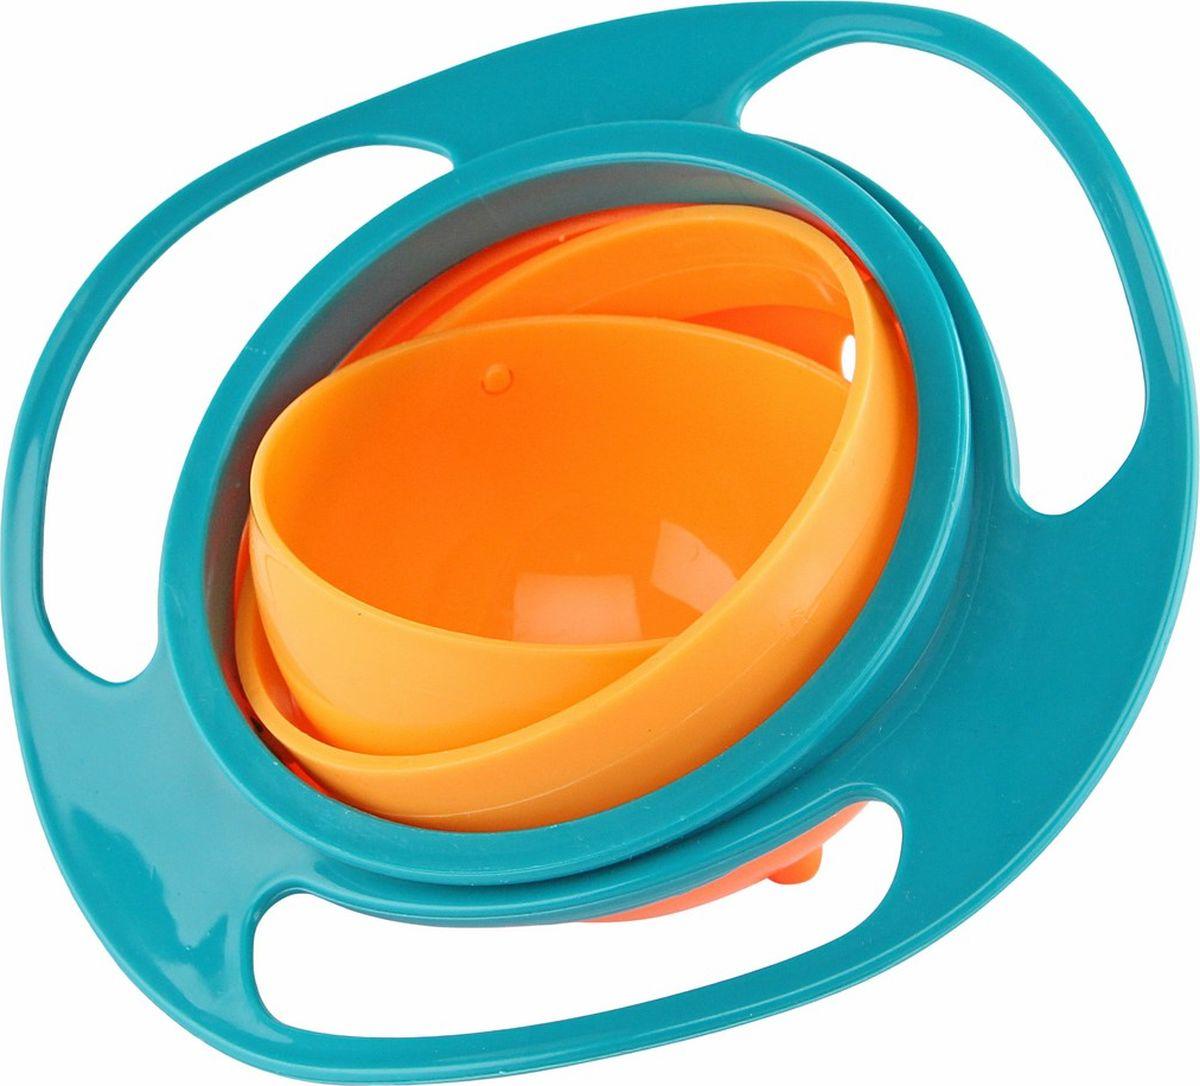 Чашка-неваляшка Ruges Тип-Топ, с крышкой, 250 млR-1Малыш и еда – это всегда сложные, многогранные отношения! Ребенку скучно есть аккуратно, сидя за столом из банальных тарелок и детка начинает играть. С едой, с посудой, со столом. Ребенок таким образом решает свою проблему скуки, а взрослым достается уборка и разбитые чашки-тарелки. Чашка-неваляшка Тип-топ благодаря своей подвижной конструкции сокращает количество рассыпанной и пролитой из нее пищи, а необычность Чашки-неваляшки занимает малыша. С Чашкой-неваляшкой Тип-топ ребенок может играть во время еды, с ней веселее учить малыша аккуратно есть за столом. Благодаря внешнему кольцу-ручке, детям удобно носить Чашку Тип-топ самостоятельно. Чашку-неваляшку Тип-топ ребенок может использовать как развивающую игрушку после еды: вместе наполняйте ее мелкими предметами и пусть малыш пробует их высыпать, играйте с Тип-топ во время купания! Полезный объем: 125 мл. Вес: 134 г. Диаметр чаши: 9 см. Состоит из закрепленных между собой трех полусфер и крышки.Инструкция на русском языке.